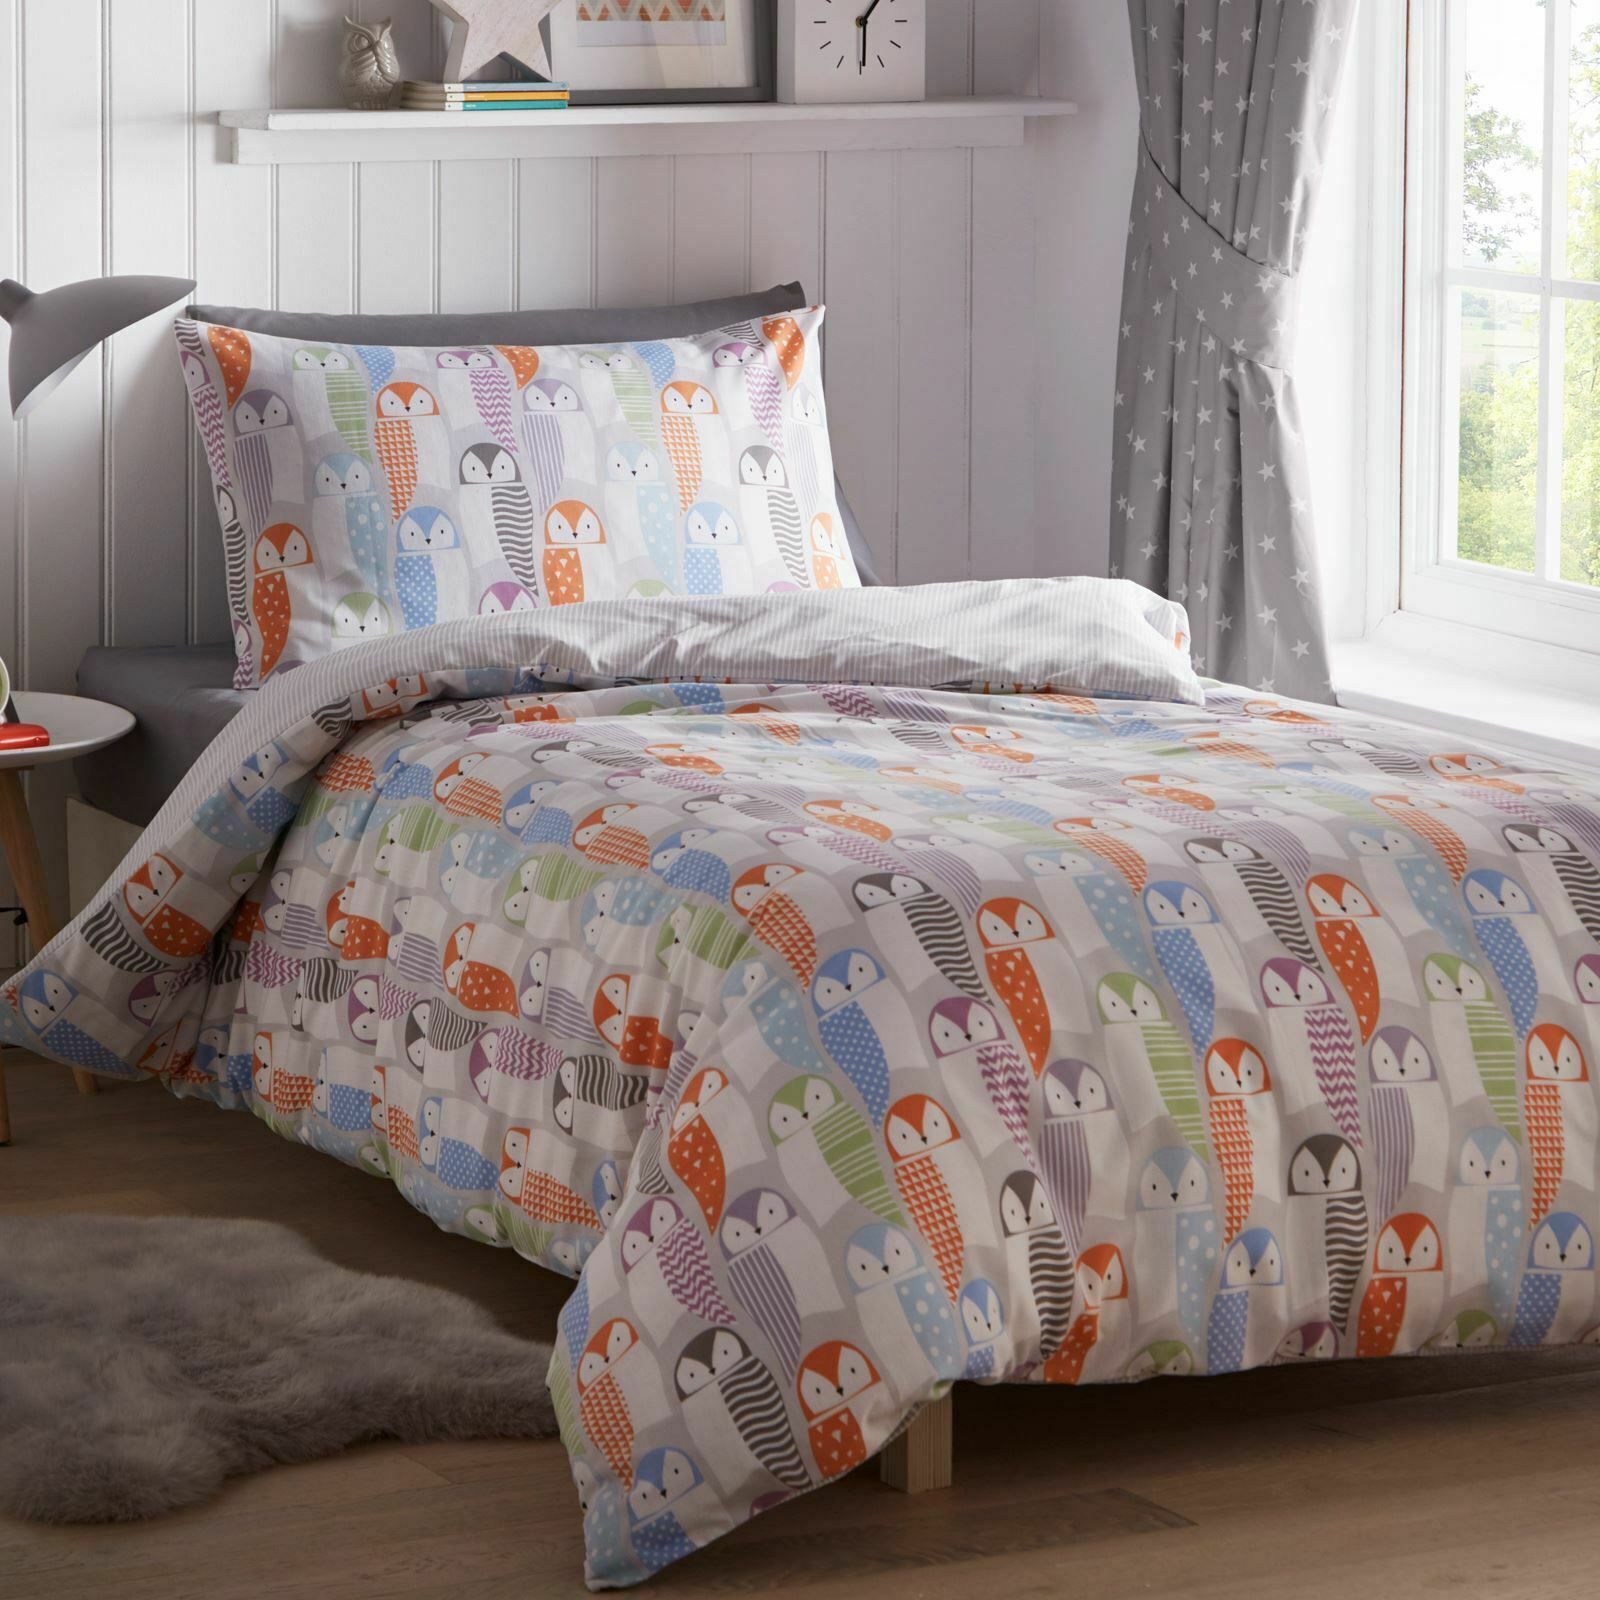 Eulen Einzelbettbezug Set Kinder Bettwäsche 2-IN-1 Designs Süß Vögel Streifen